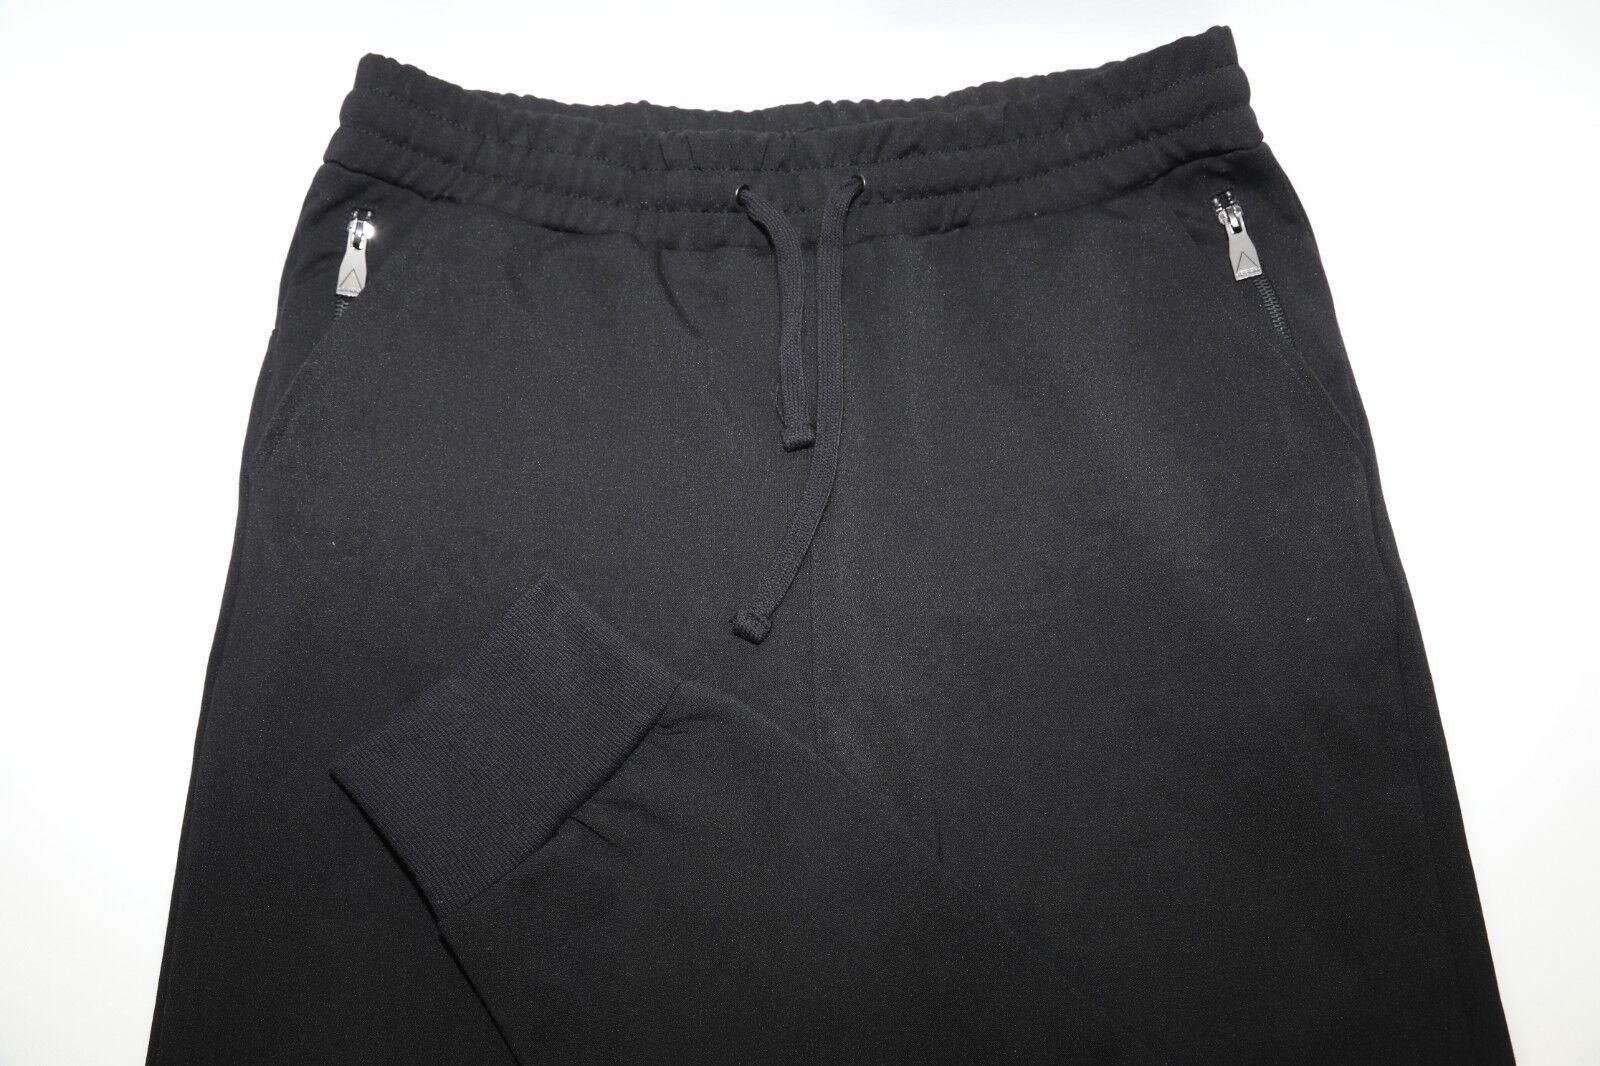 ELEVEN PARIS Men's Jogger Pants Size L  RETAIL